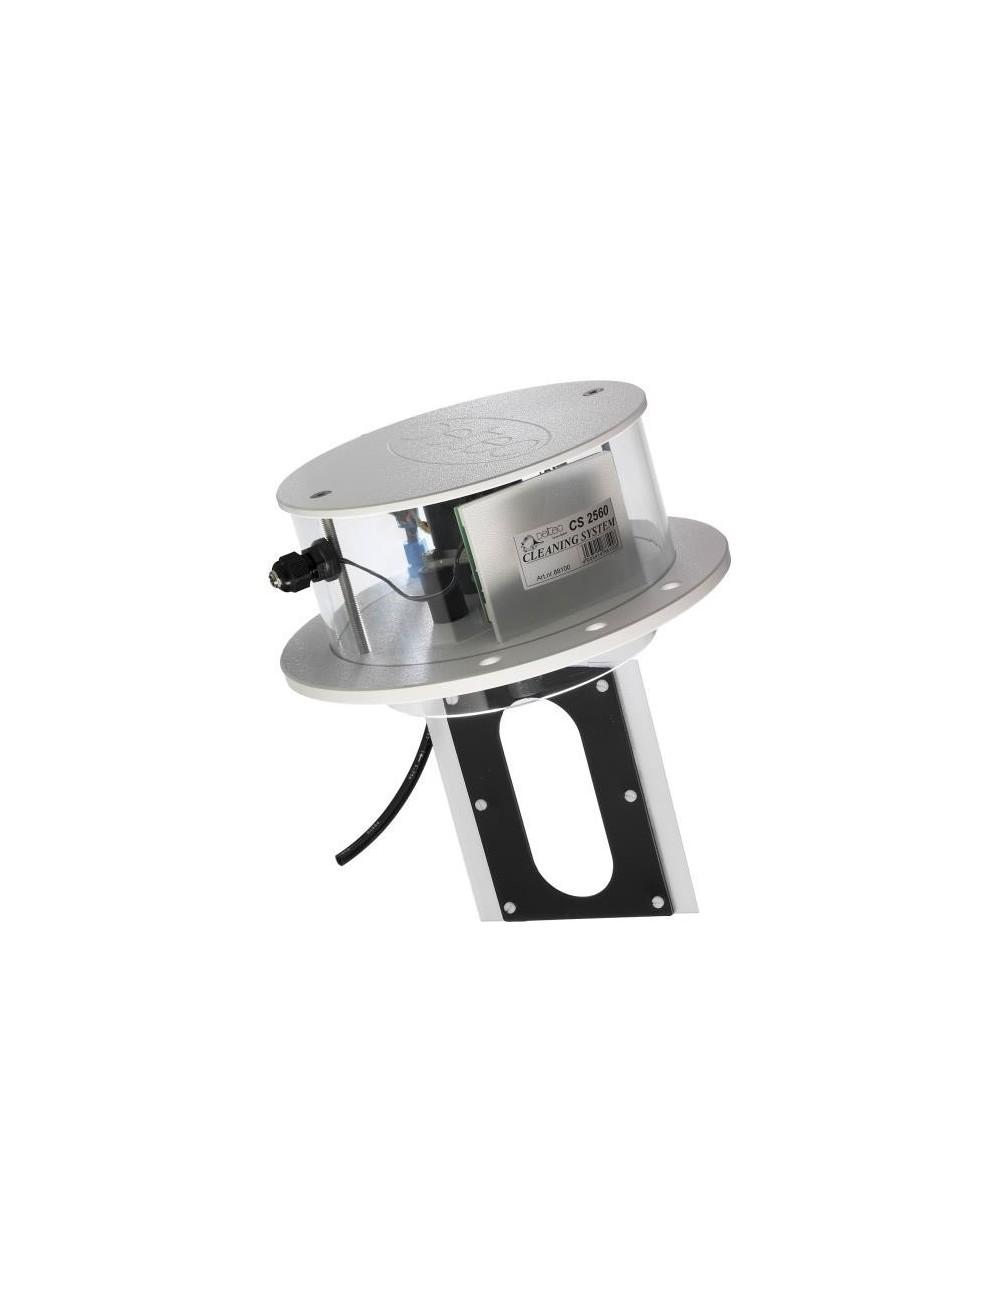 DELTEC CS 2060 - Système de nettoyage automatique pour écumeur  TC/SC 2060, SCC(M)1660 avec Syphon